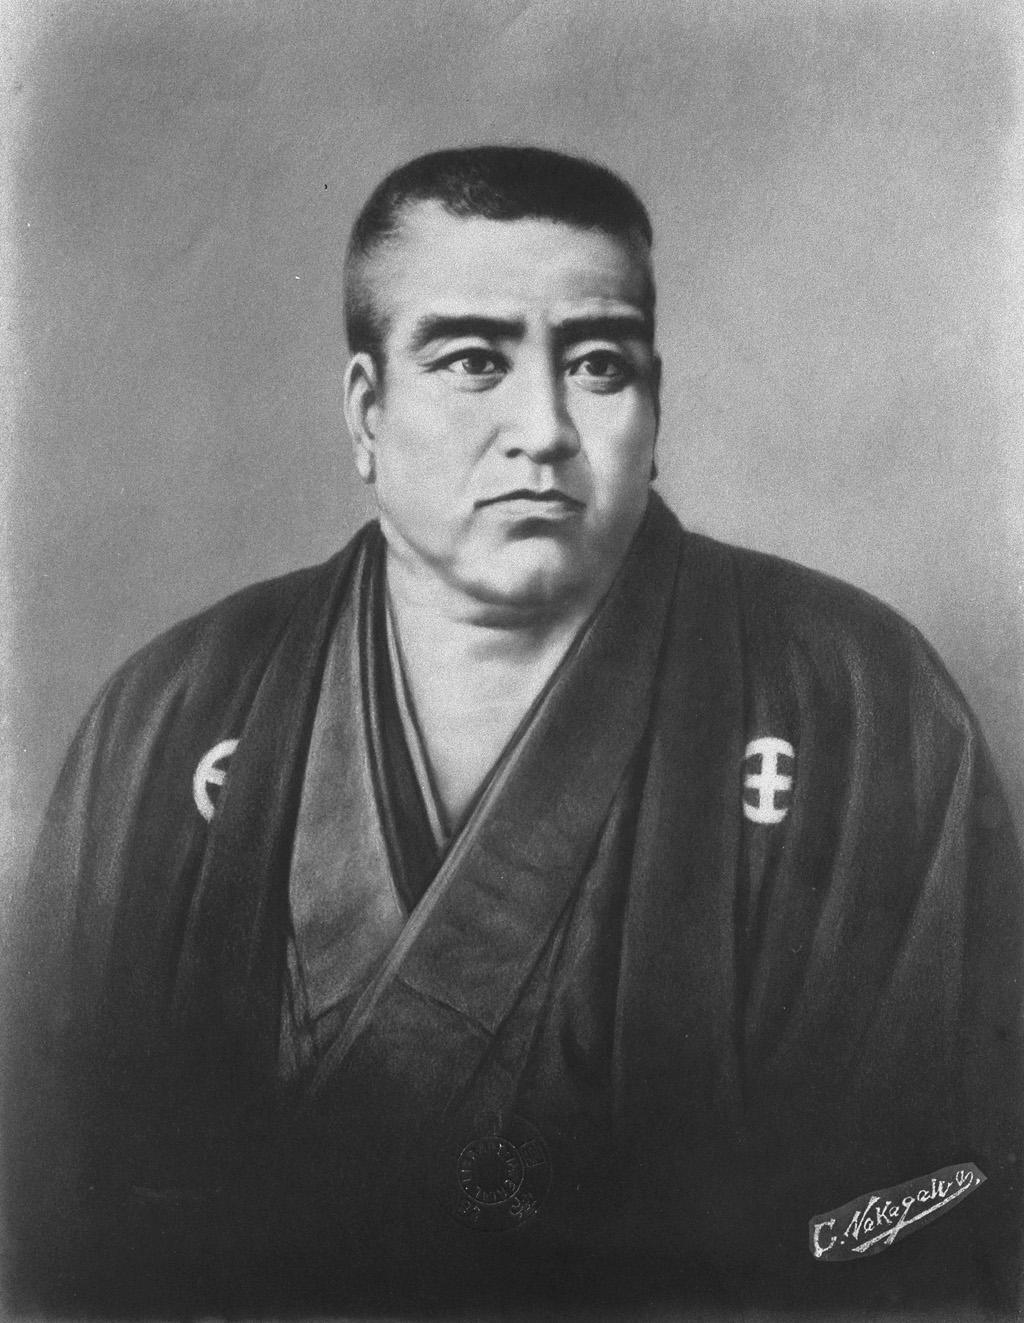 西郷隆盛の実際の顔や写真はどんなだった?西郷本人に一番近い肖像画とは?